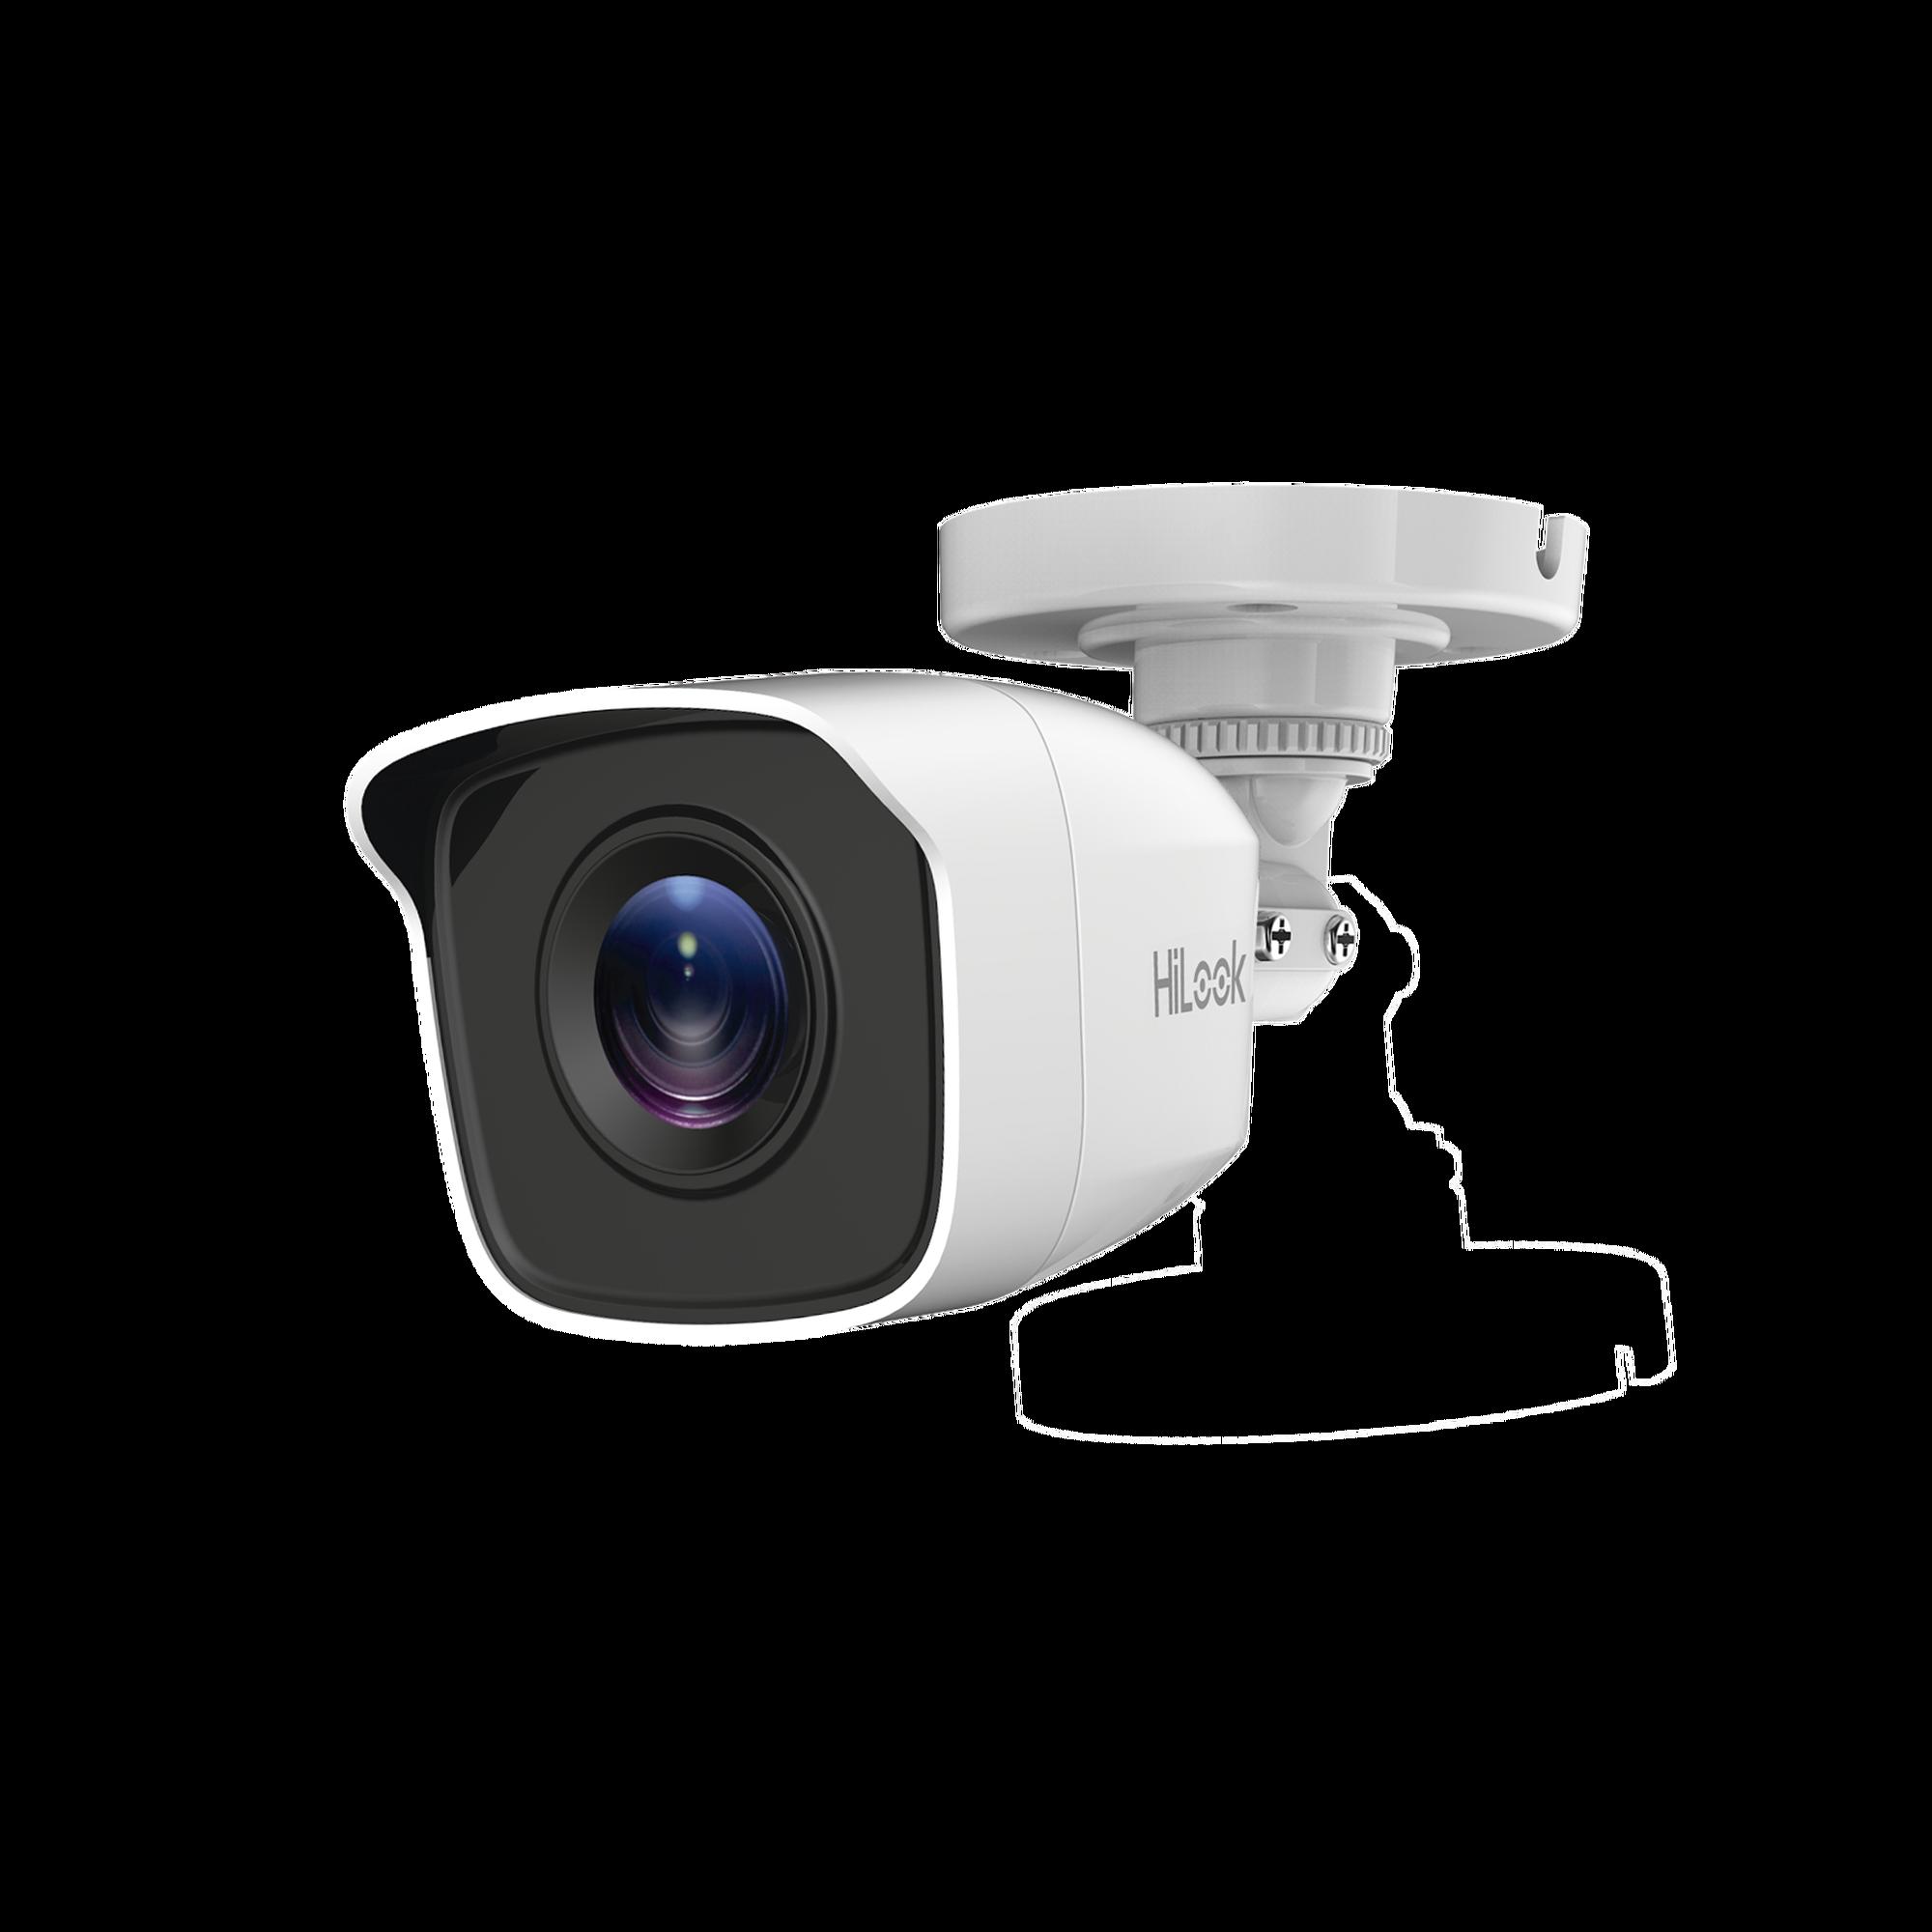 Bala TURBOHD 720p / Gran Angular 92 grados / Lente 2.8 mm / CLIMAS EXTREMOS / IR EXIR Inteligente 20 mts / Exterior IP66 / dWDR / TVI-AHD-CVI-CVBS